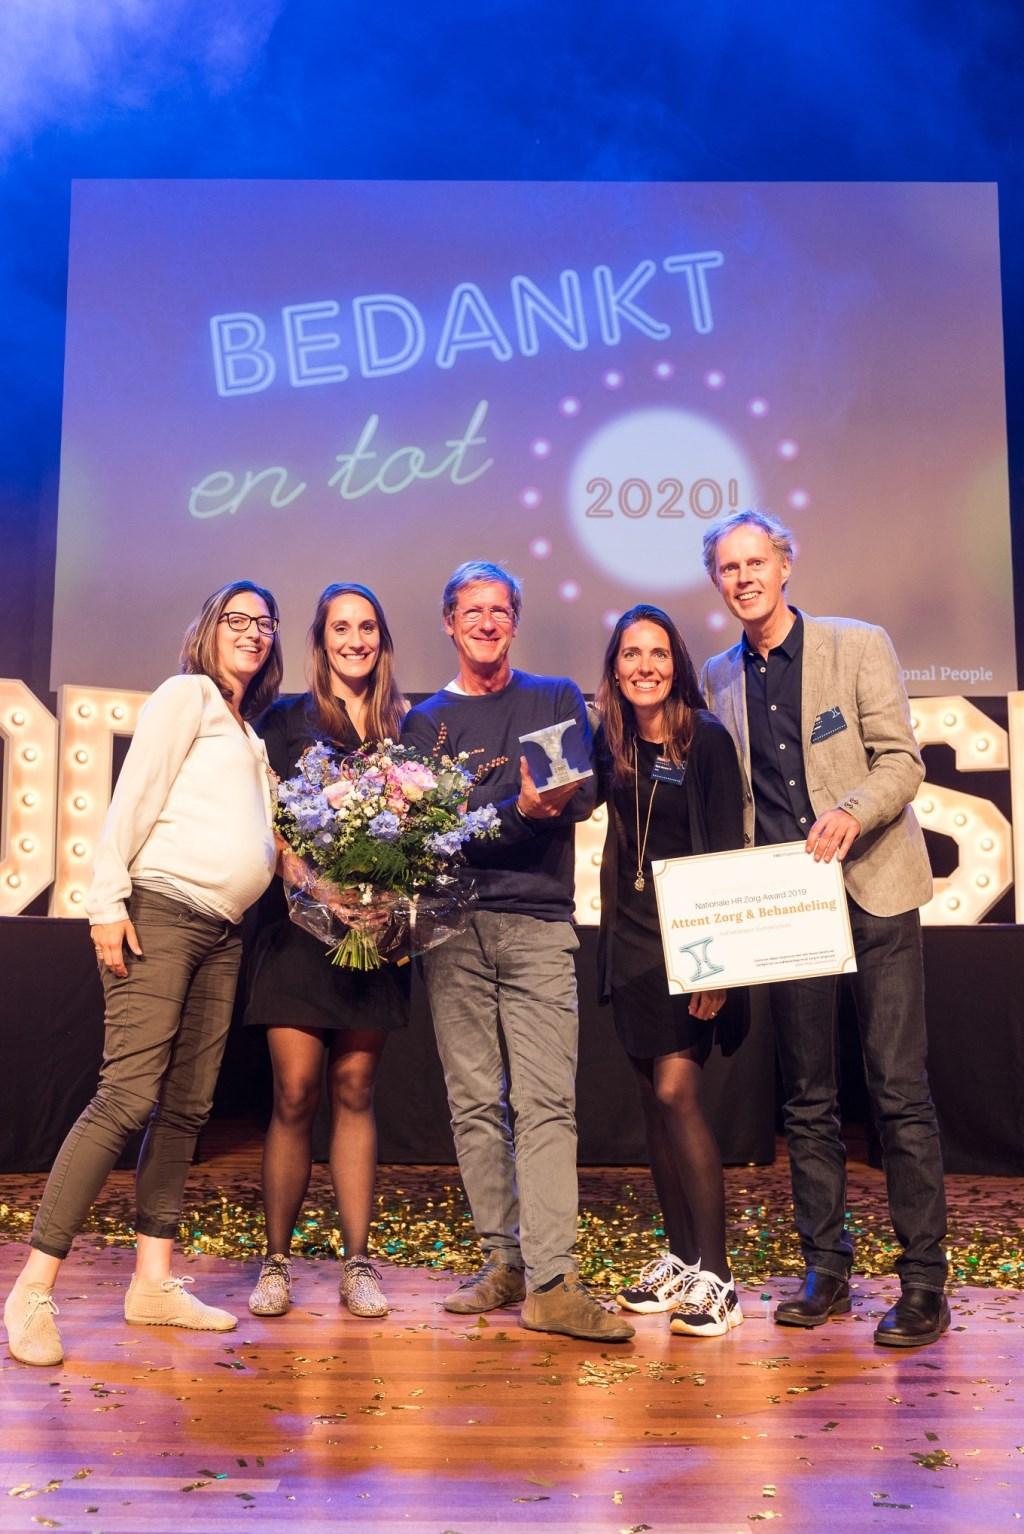 vlnr Merel Hoes, Astrid Bolck, Wil Zajdenband, Myke Bonouvrié en Ted Jetten